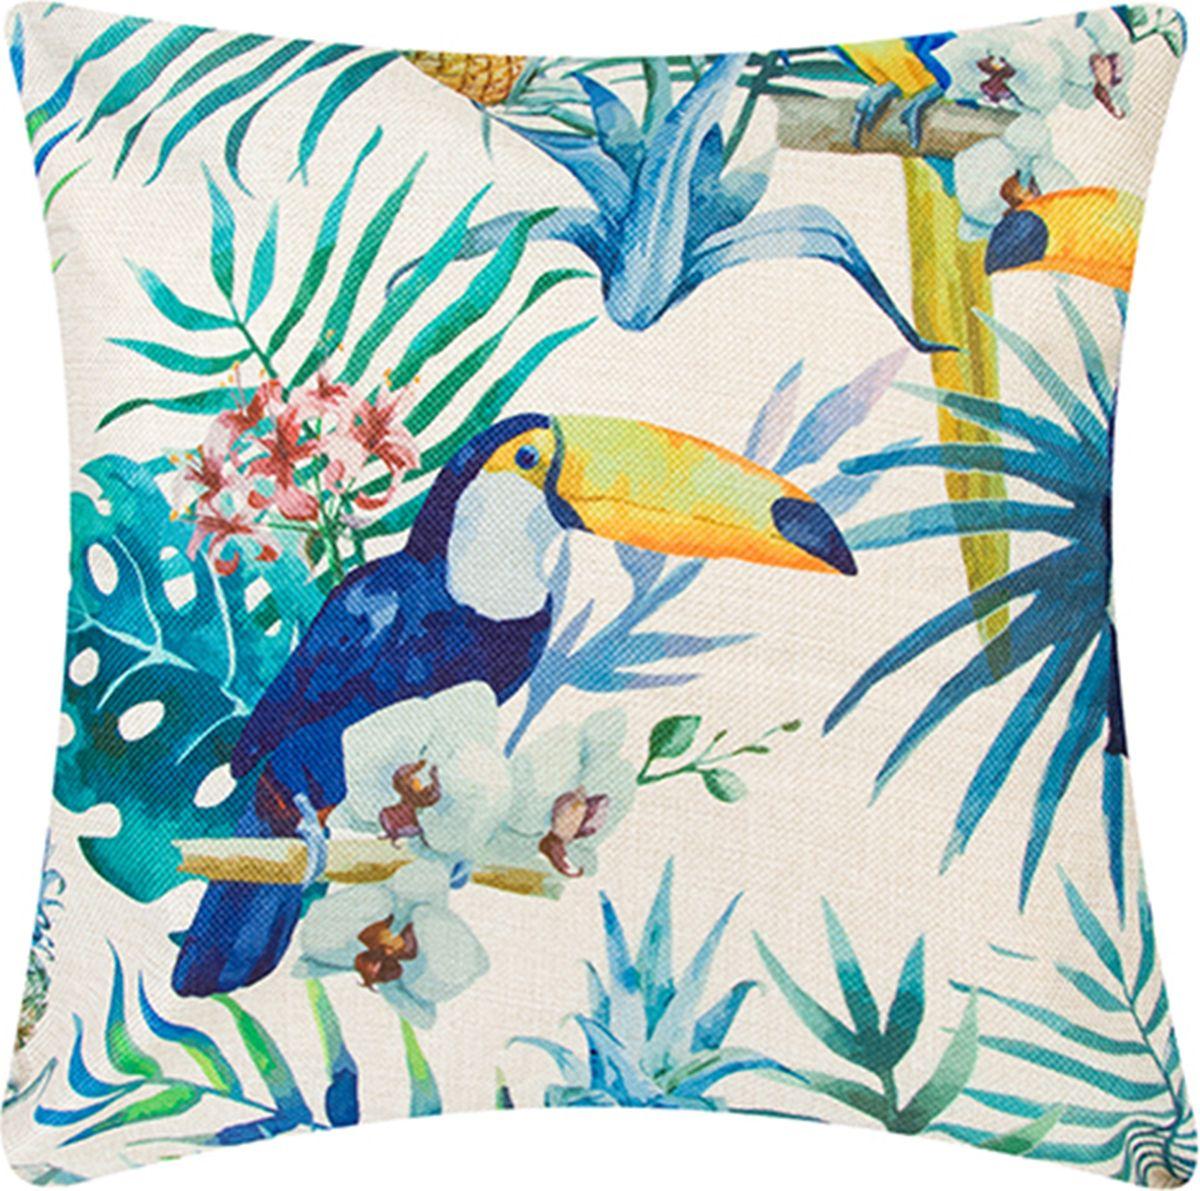 Подушка декоративная EL Casa Туканы в тропиках, 43 x 43 см171704Декоративная подушка прекрасно дополнит интерьер спальни или гостиной. Состав наволочки: лен -50%, полиэстер-50%. Она легко снимается, благодаря молнии. Внутри подушки находится мягкий наполнитель.